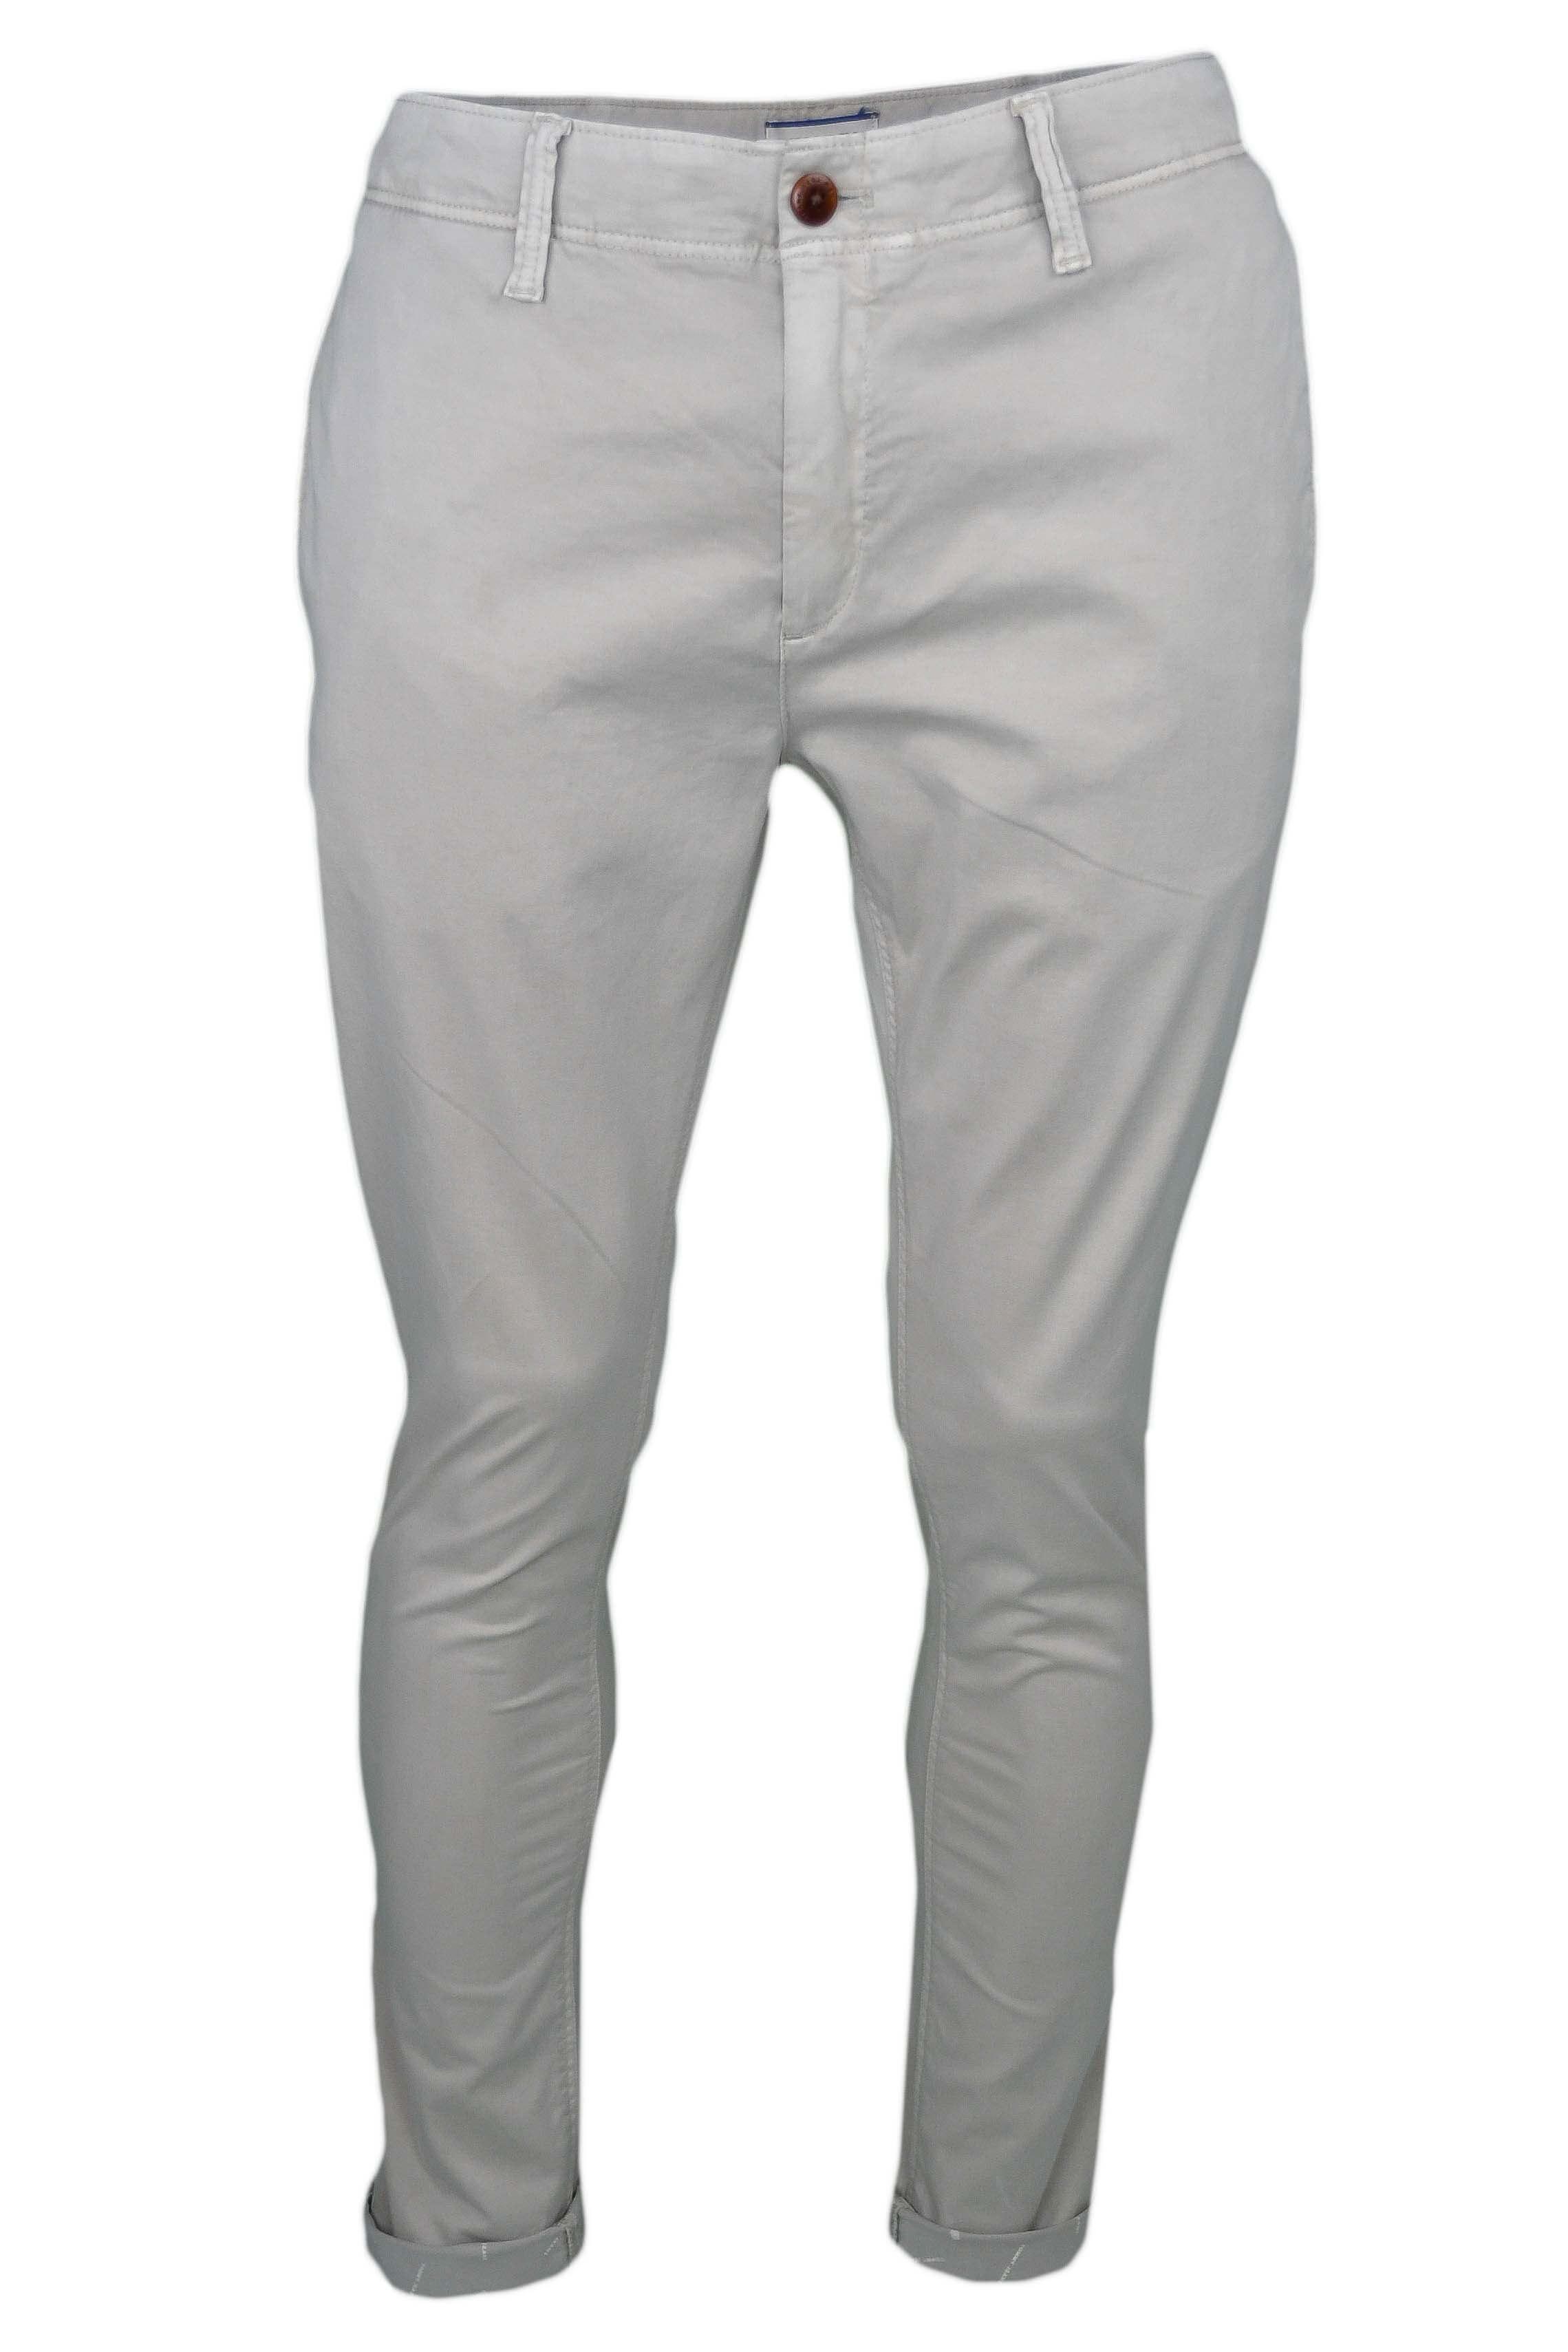 haut de gamme pas cher le plus fiable Pantalon chino Tommy Jeans beige slim fit pour homme - Toujours au ...